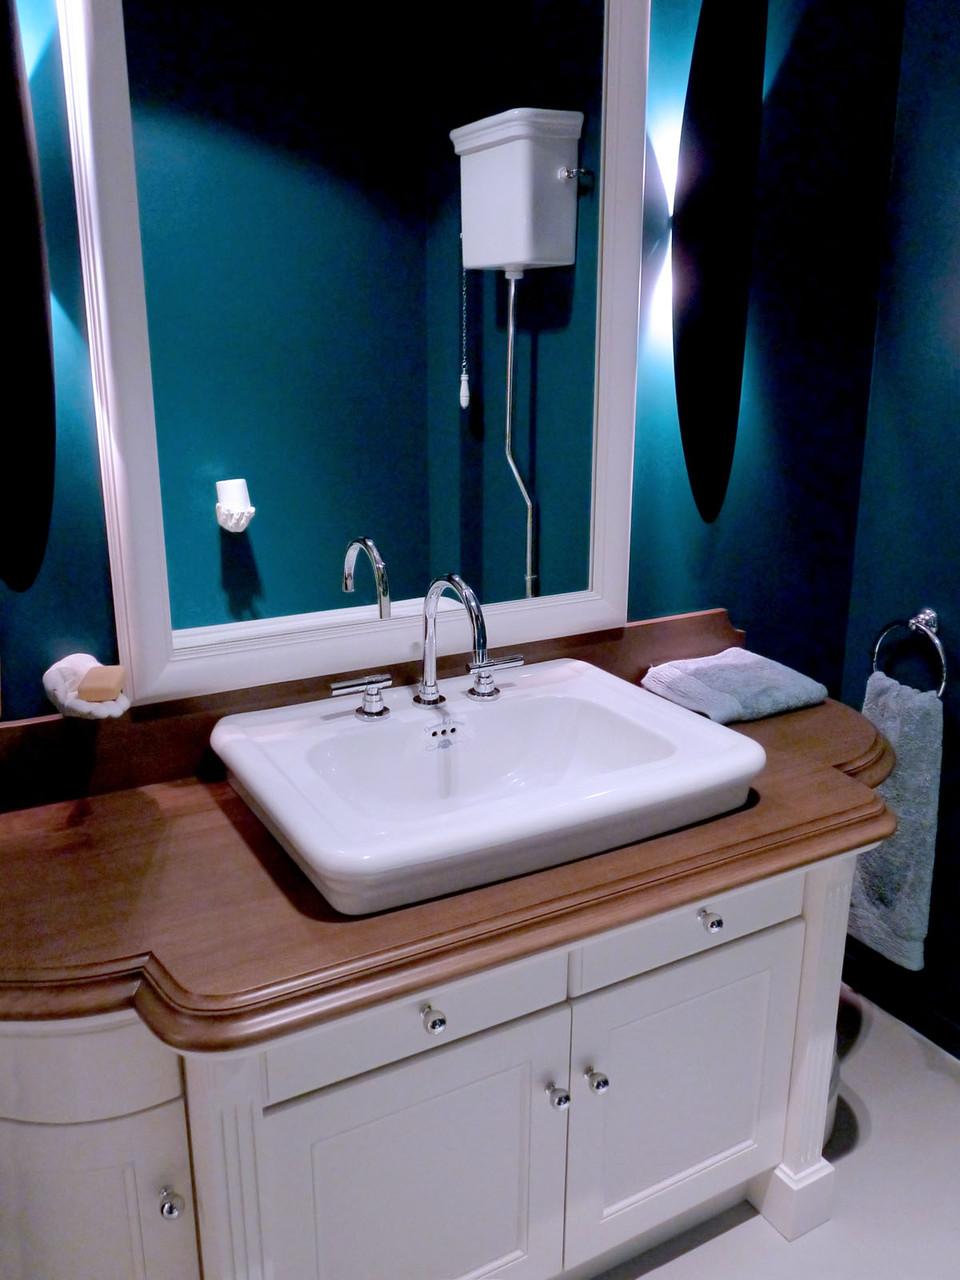 WC et sanitaire Devon Devon, meuble Classique chant double bec de corbin chêne massif